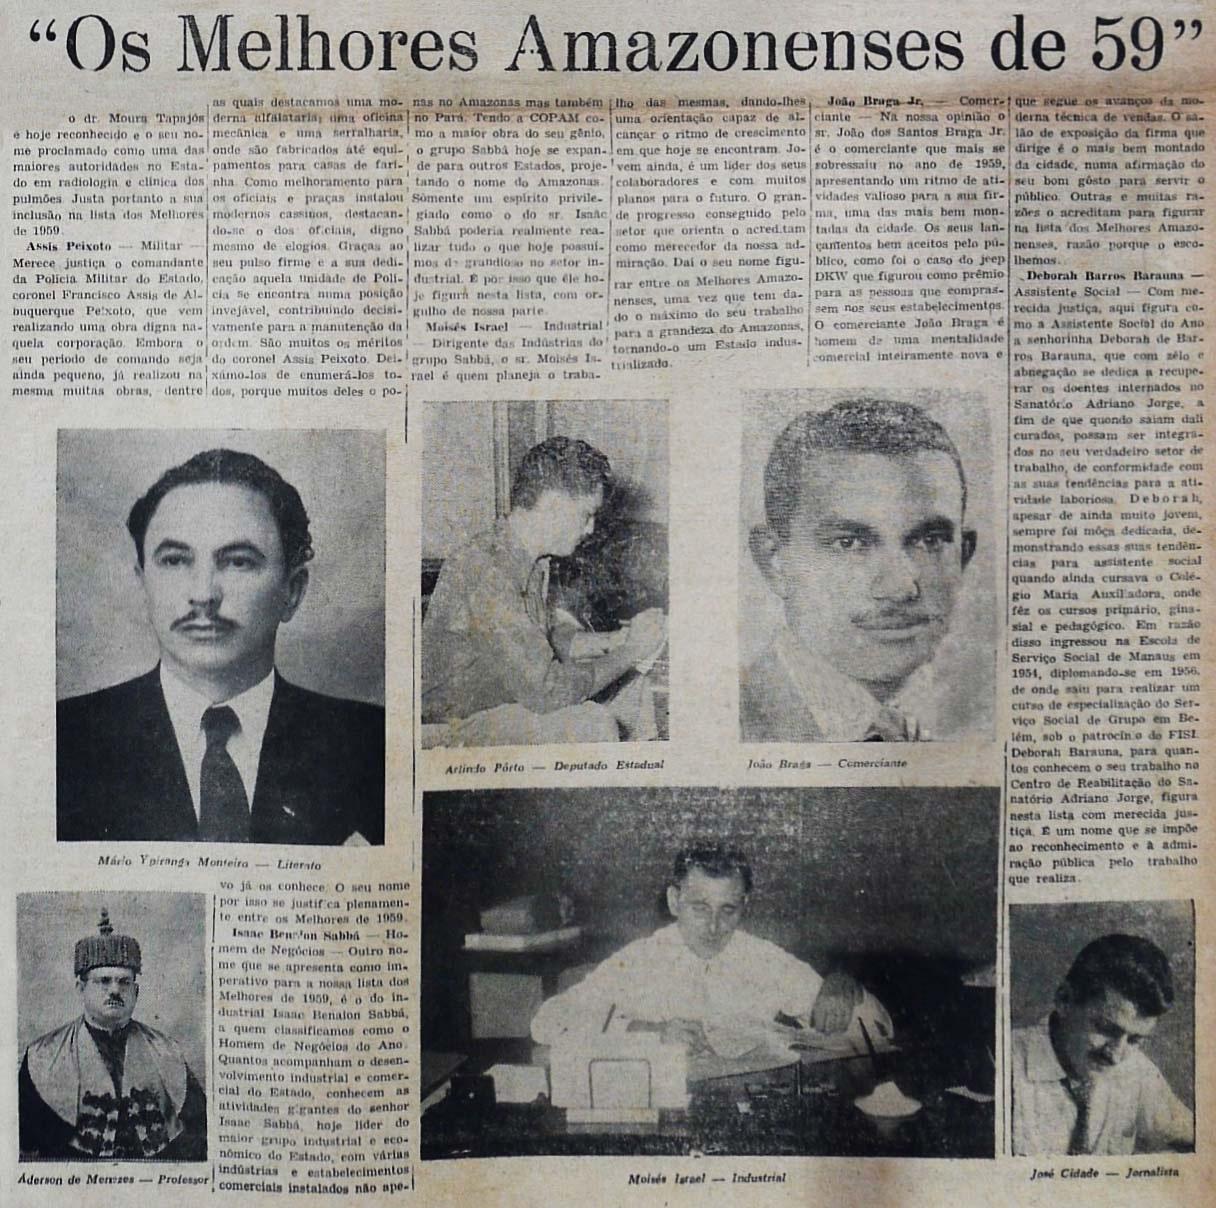 Os Melhores Amazonenses de 1959